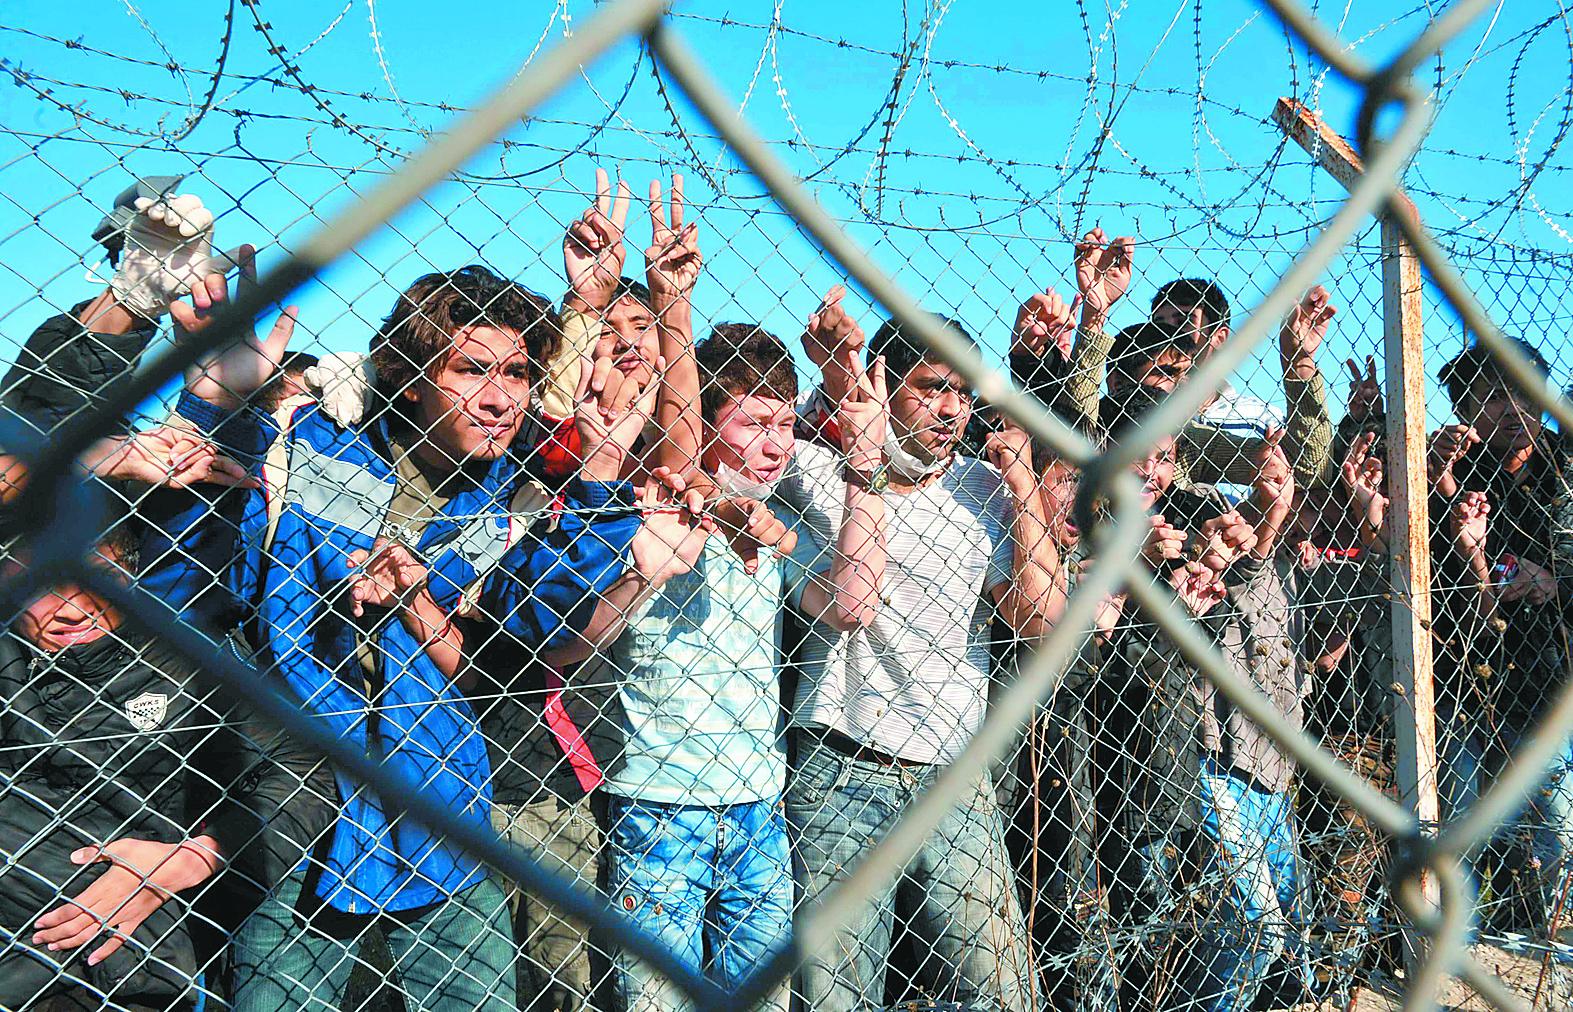 Προς μια νέα νομοθετική ρύθμιση για τη χορήγηση ασύλου   tovima.gr